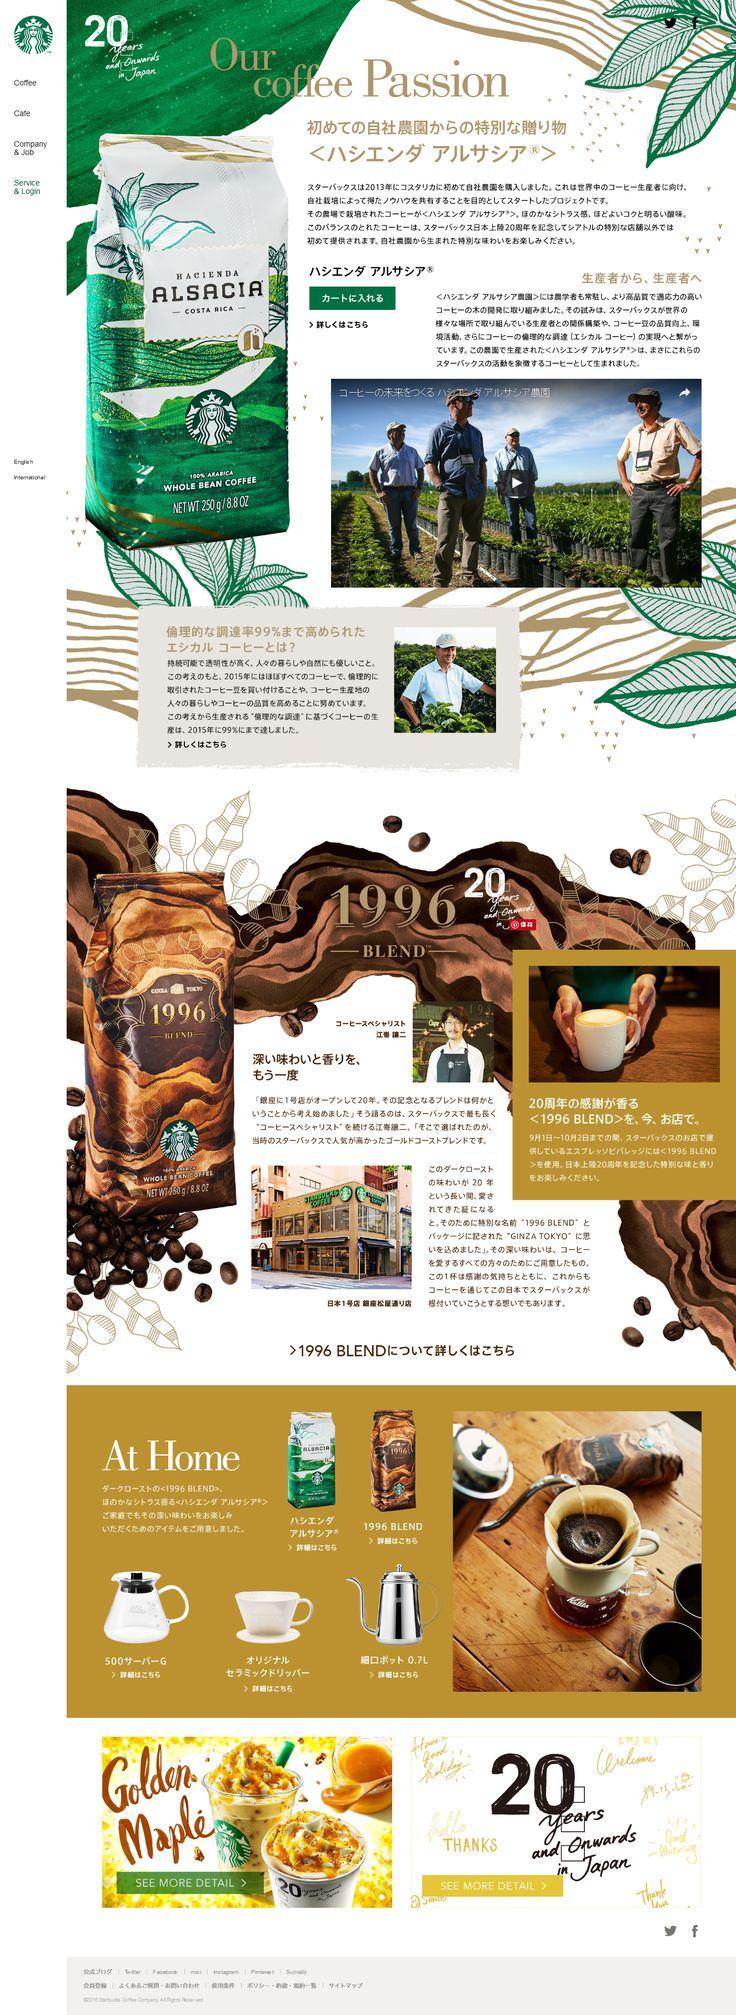 [季節のコーヒー] 初めての自社農園からの特別なコーヒー豆|スターバックス コーヒー ジャパン  http://www.starbucks.co.jp/coffee/?nid=wh_02_pc